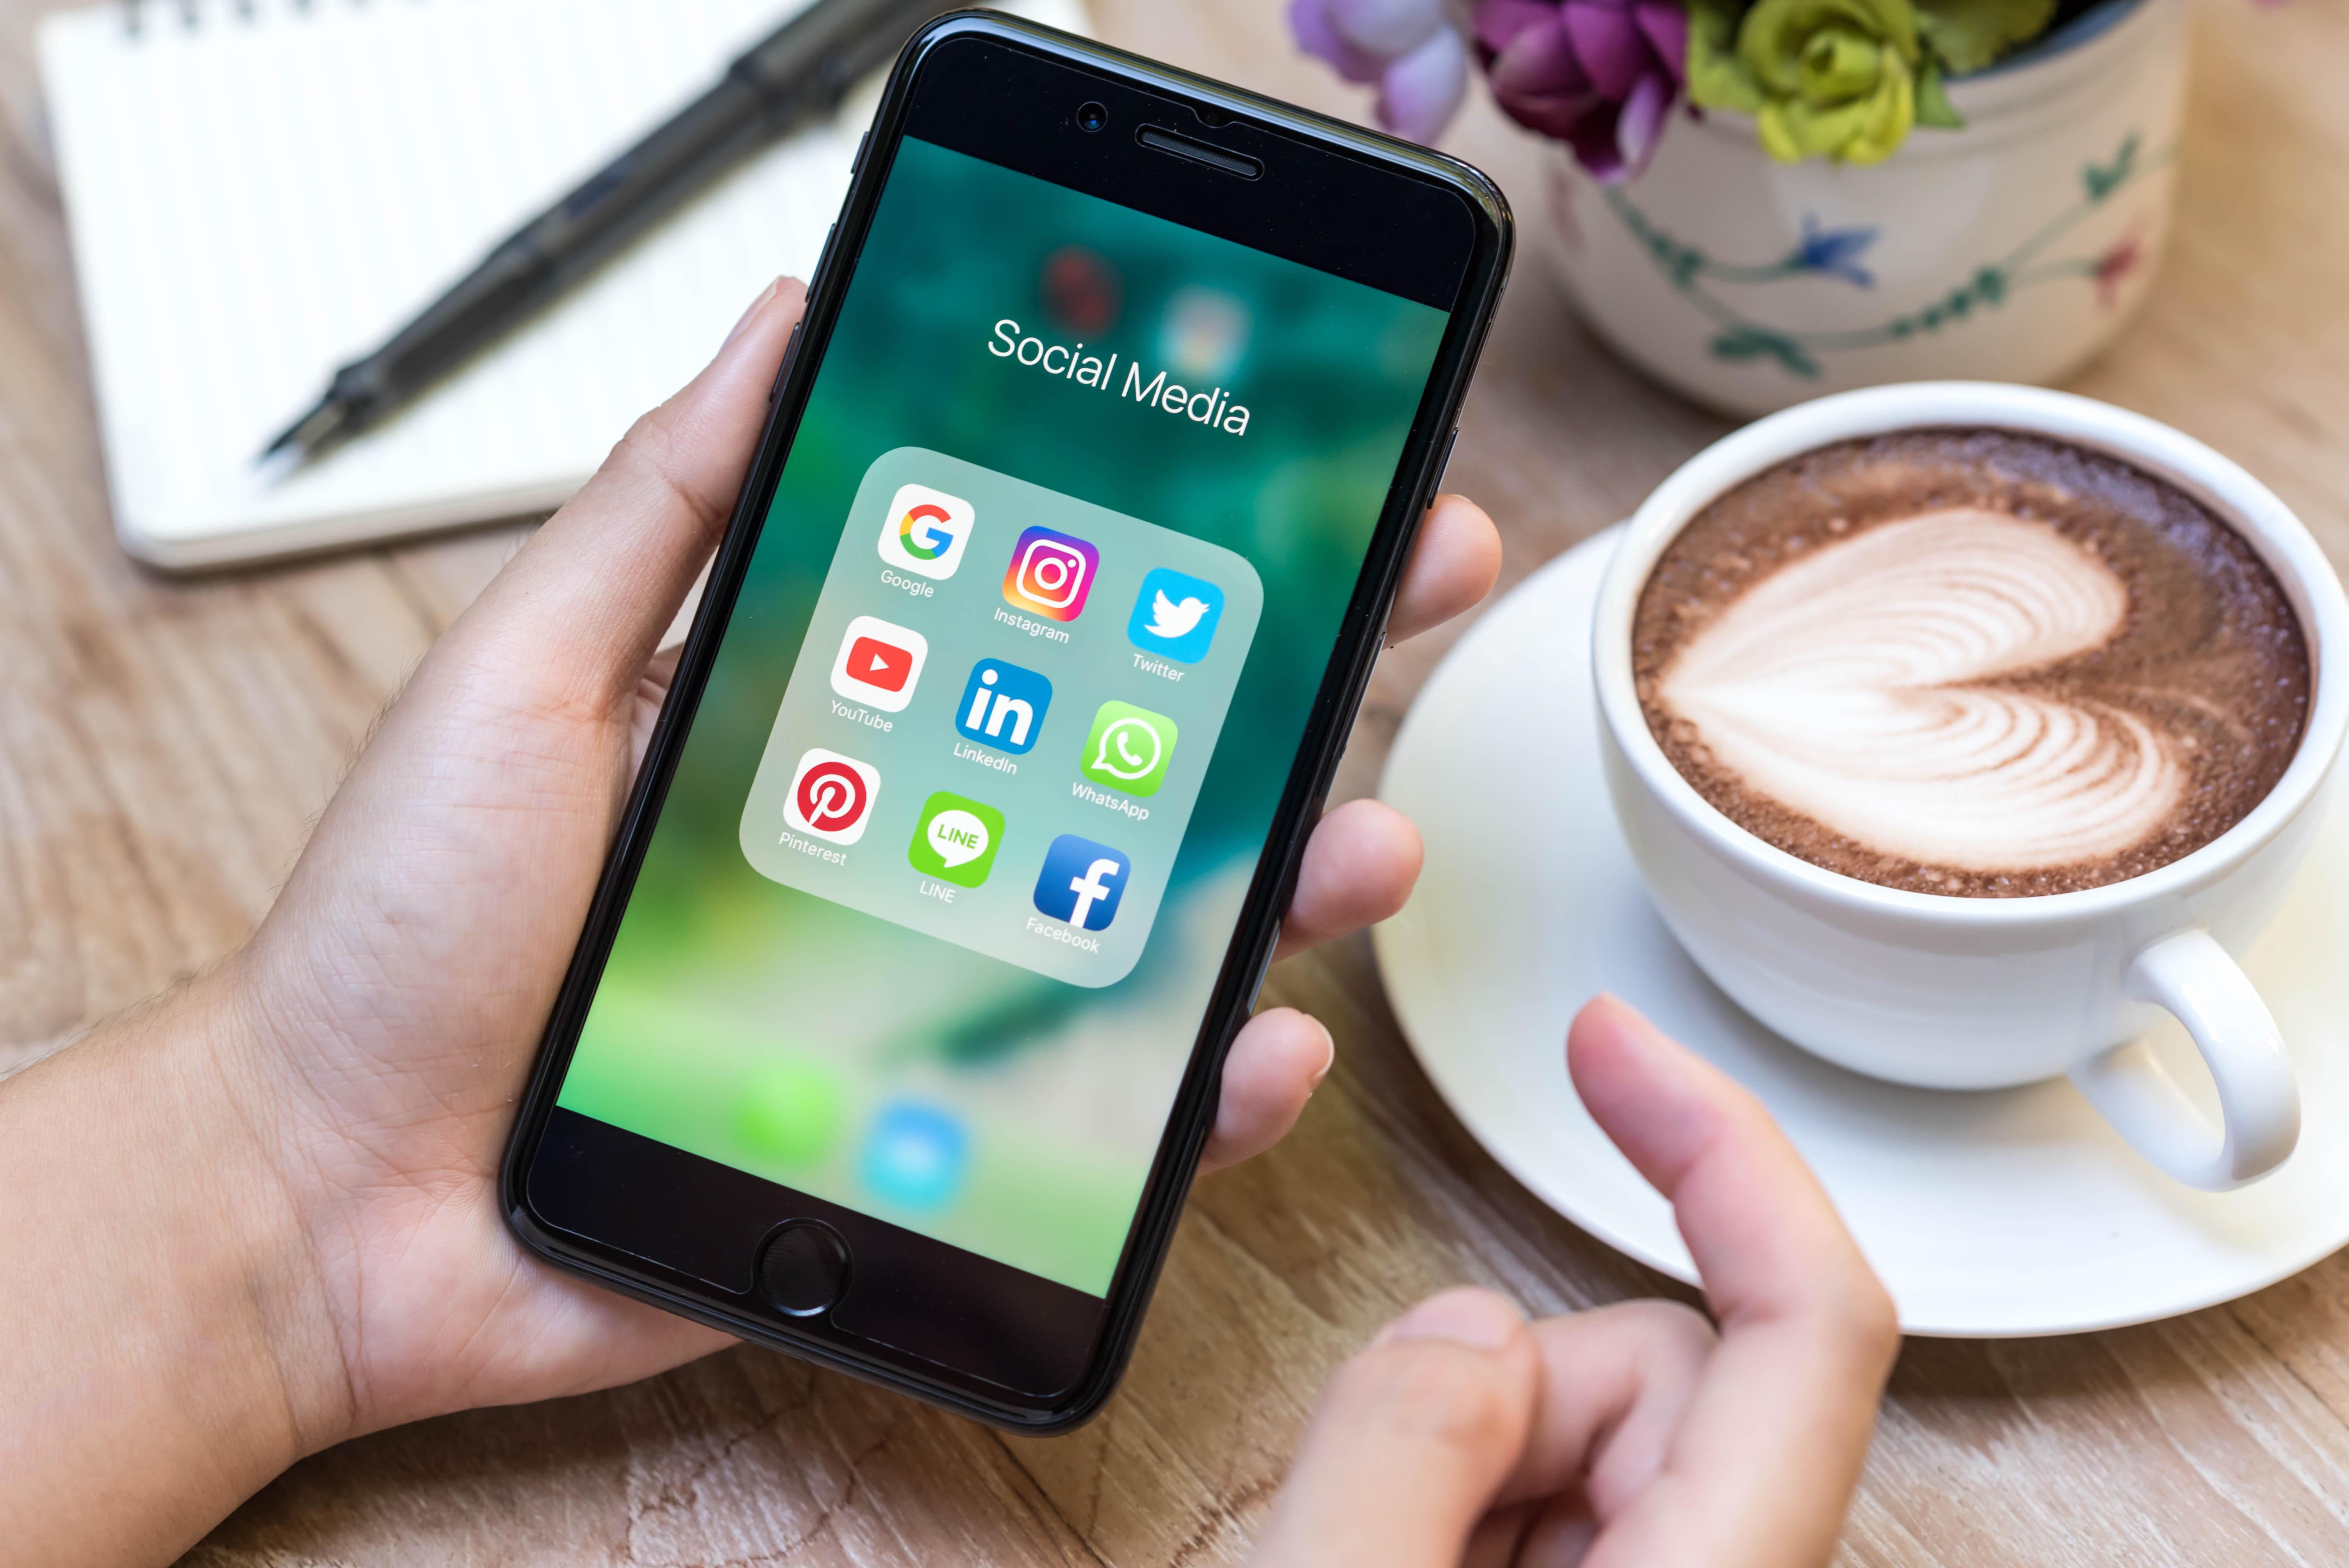 Mobile สร้างยอดขายและยกระดับแบรนด์ได้อย่างง่ายดาย